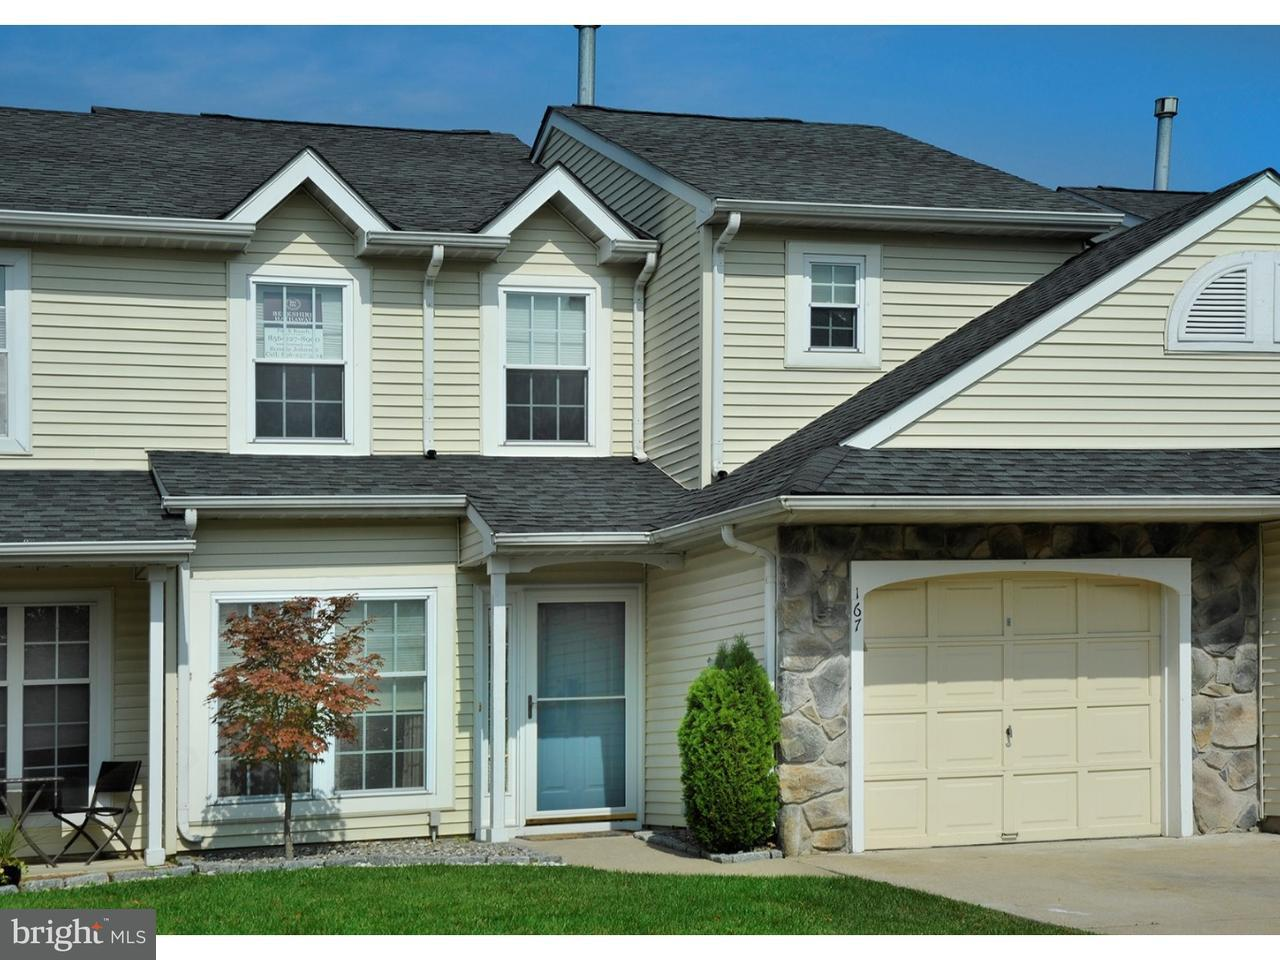 联栋屋 为 销售 在 167 KERRY LYNN Court Williamstown, 新泽西州 08094 美国在/周边: Monroe Township